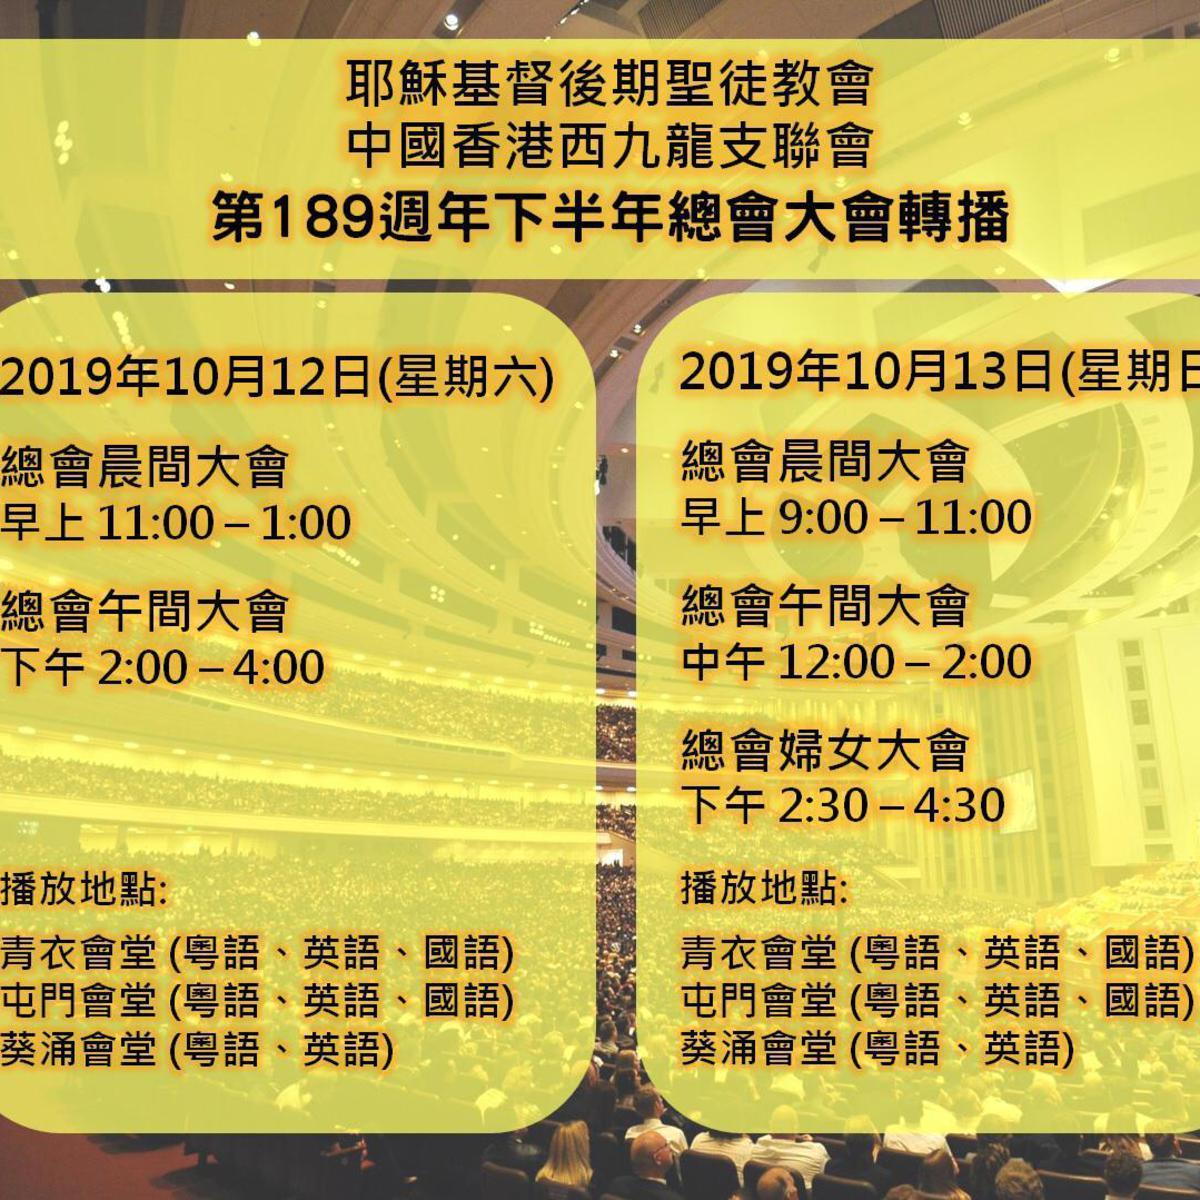 中國香港西九龍支聯會--第189周年下半年總會大會轉播